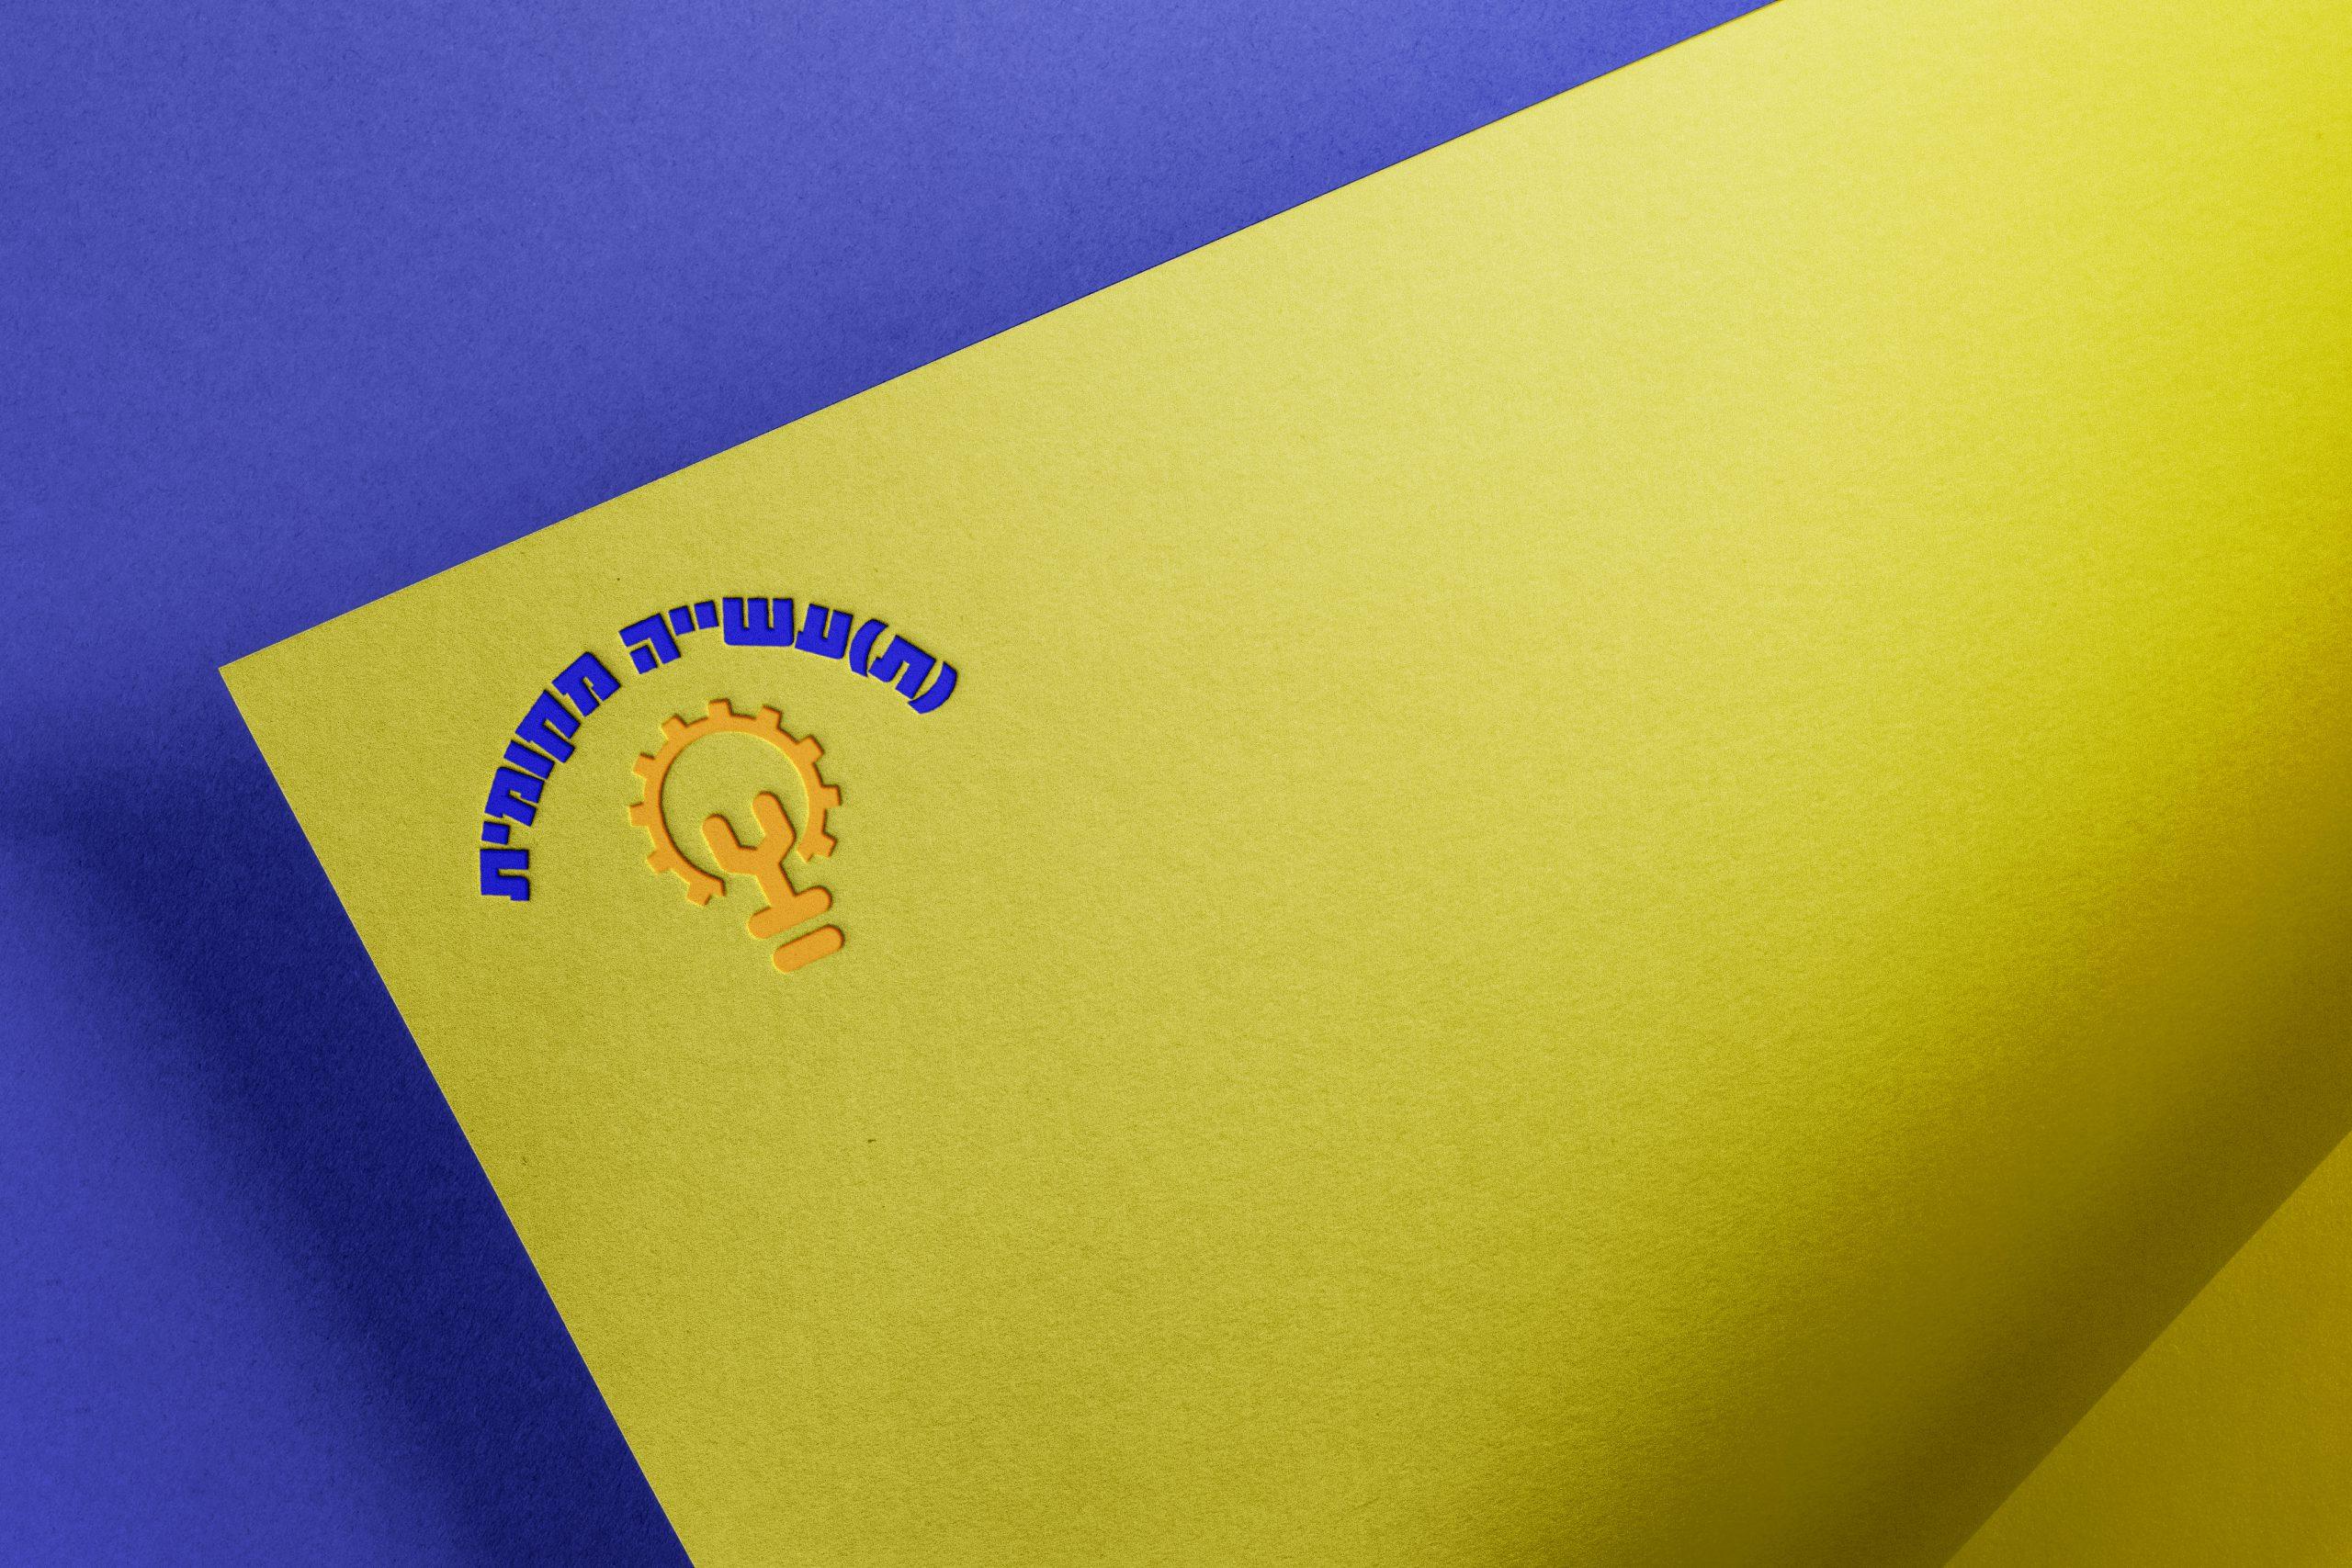 לוגו למיזם תעשיה מקודמית סטודיו מגהדזיין